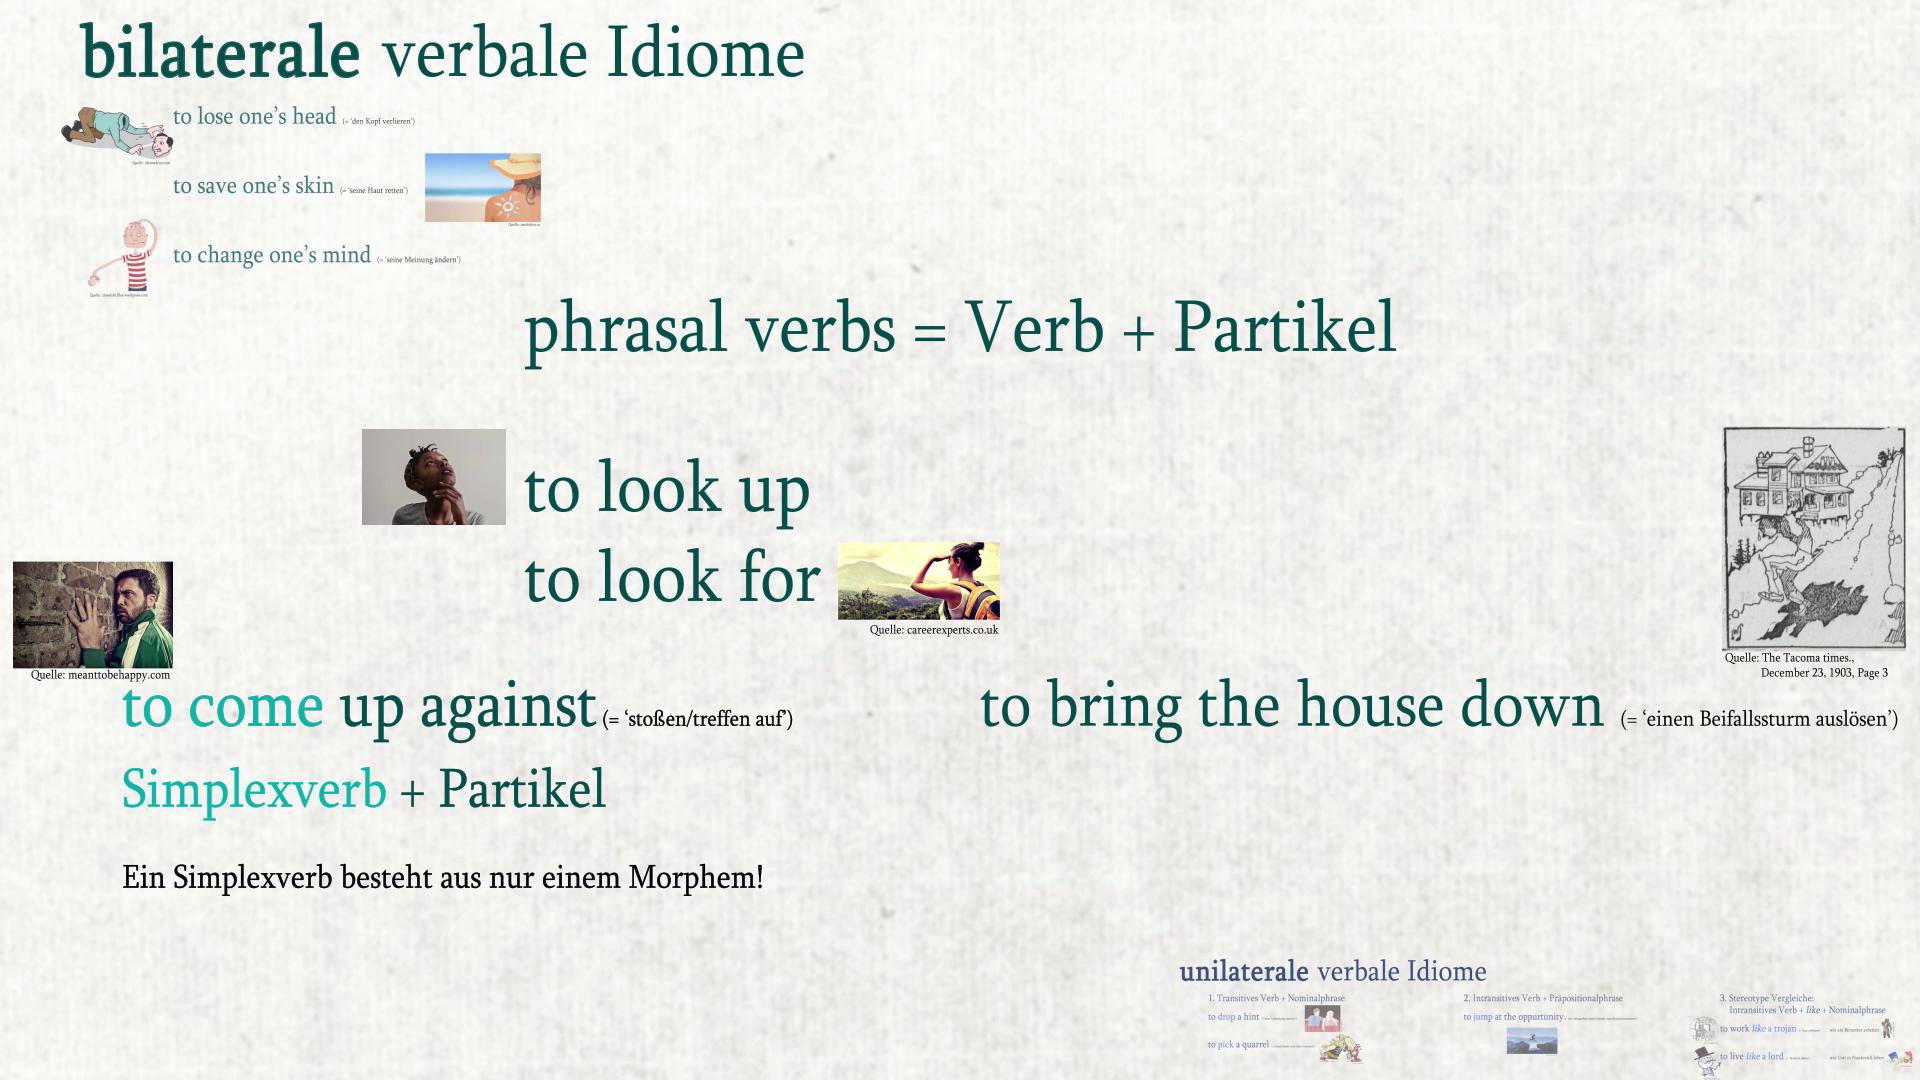 IX.1 Typologie verbaler Idiome nach Rosemarie Gläser